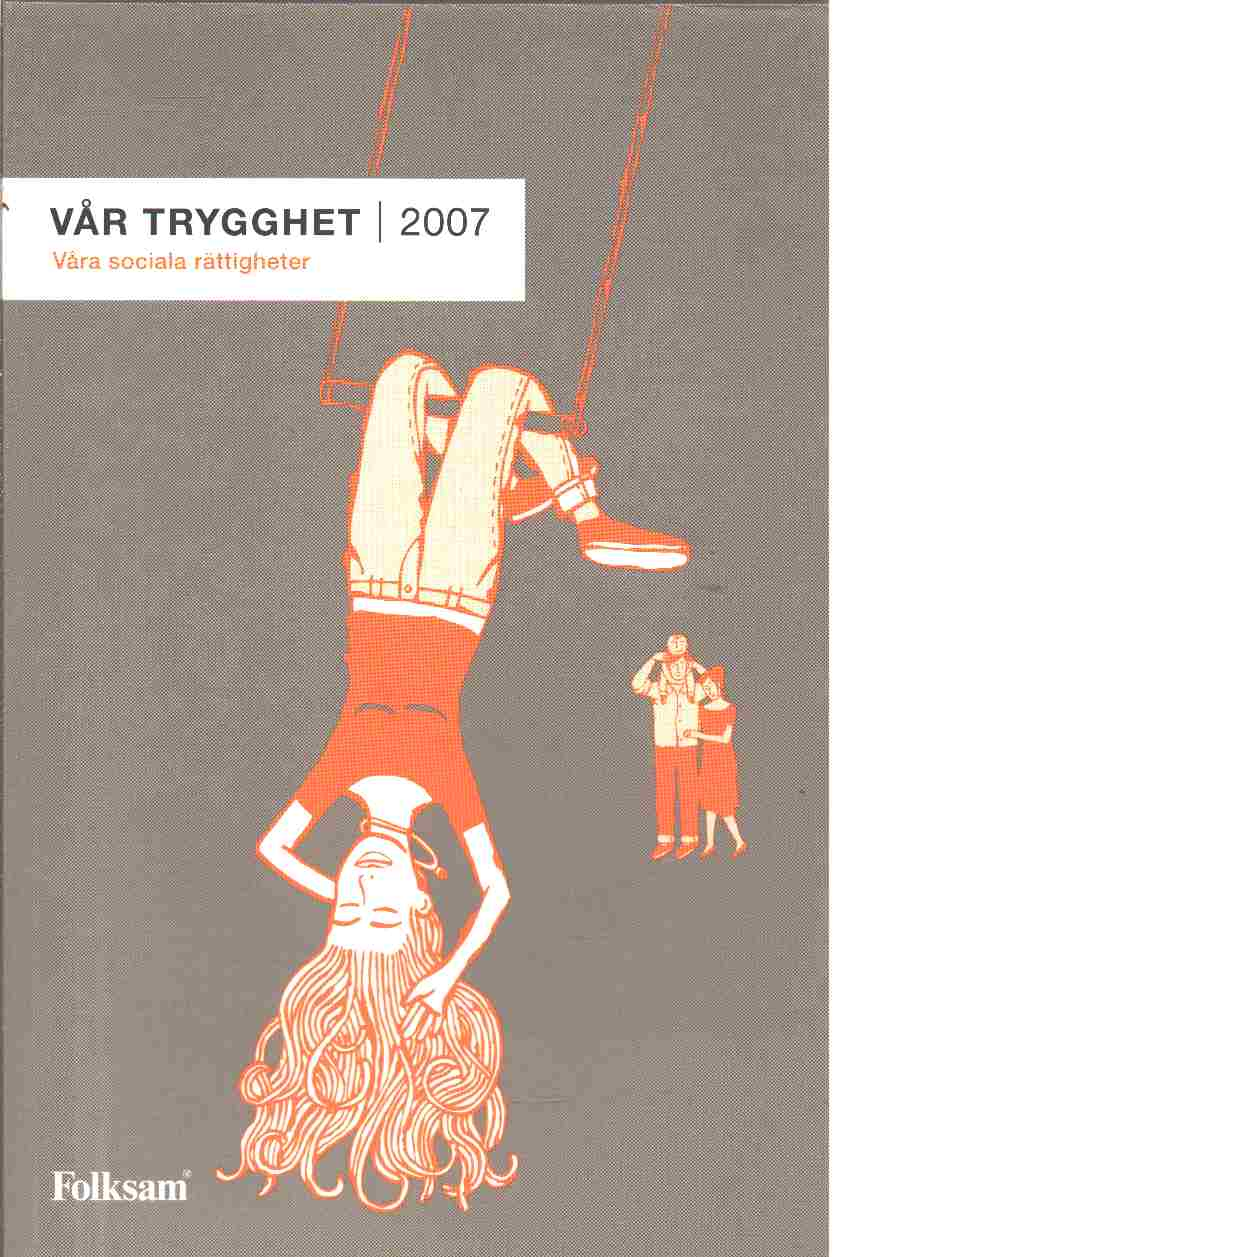 Vår trygghet : våra sociala rättigheter 2007 - Red.